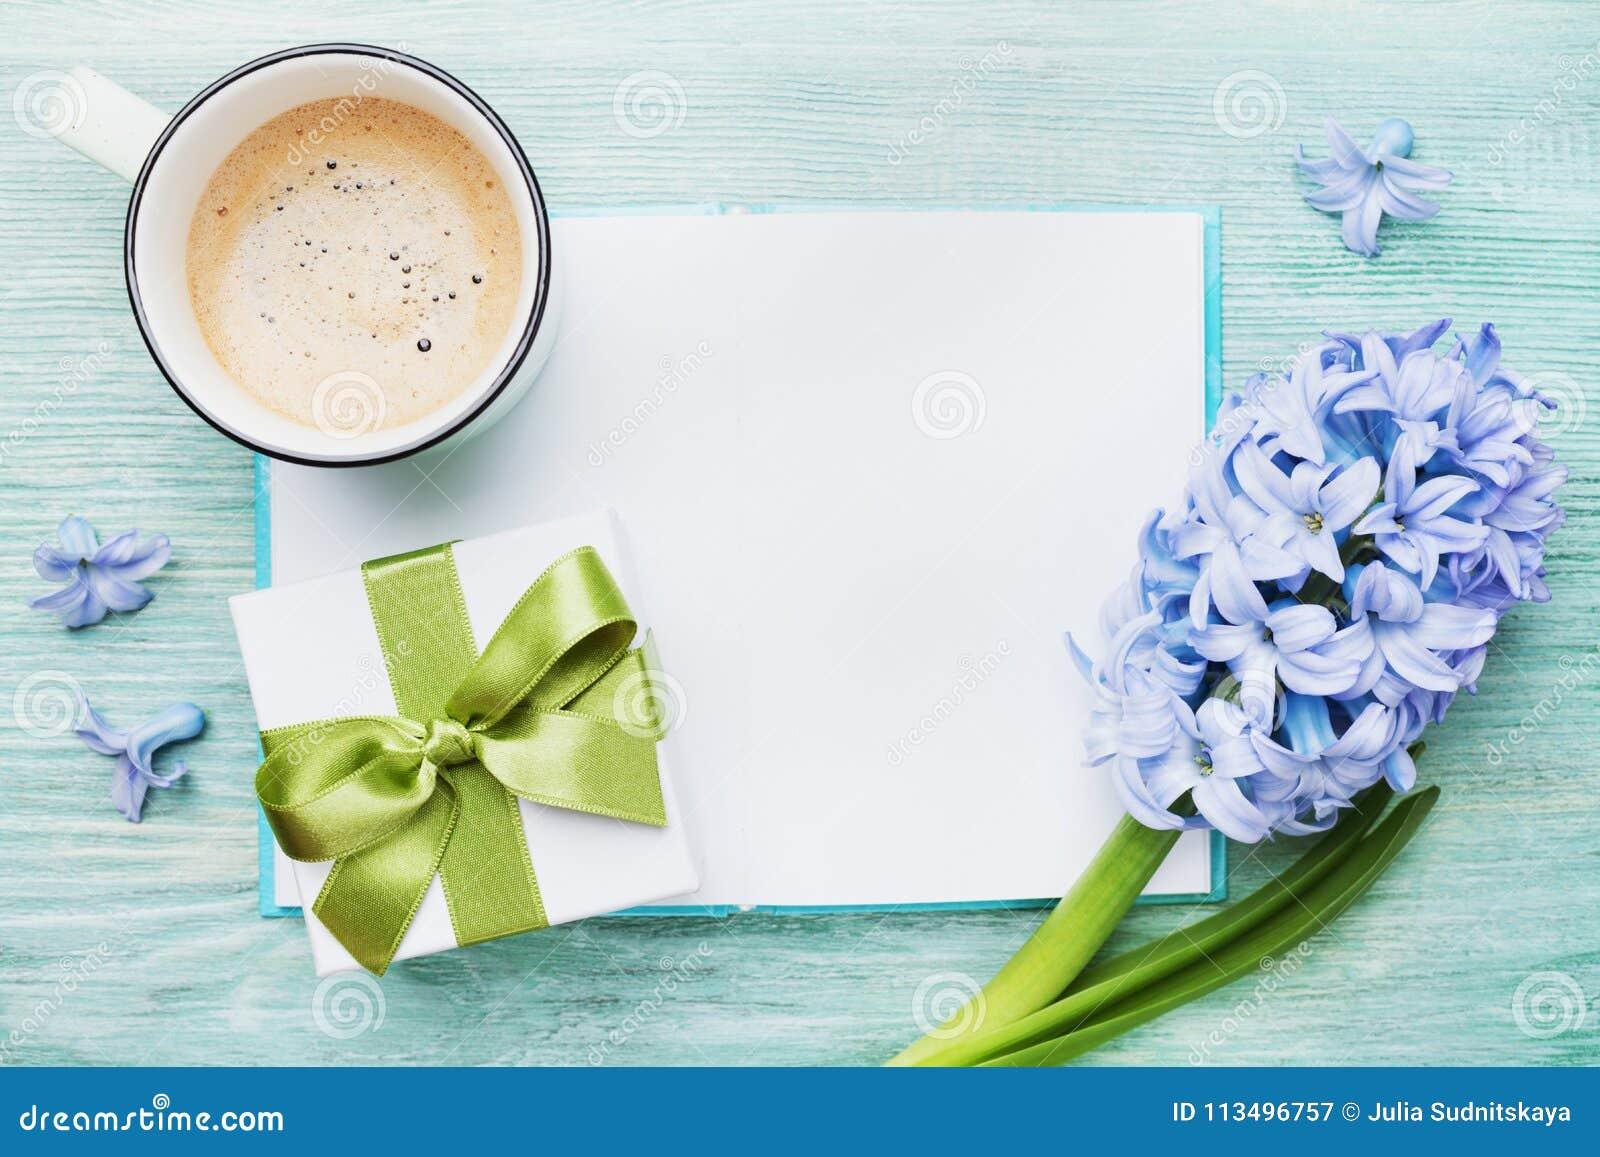 母亲节春天与空的笔记本的假日卡片与咖啡的招呼的文本的、礼物或者当前箱子和风信花开花